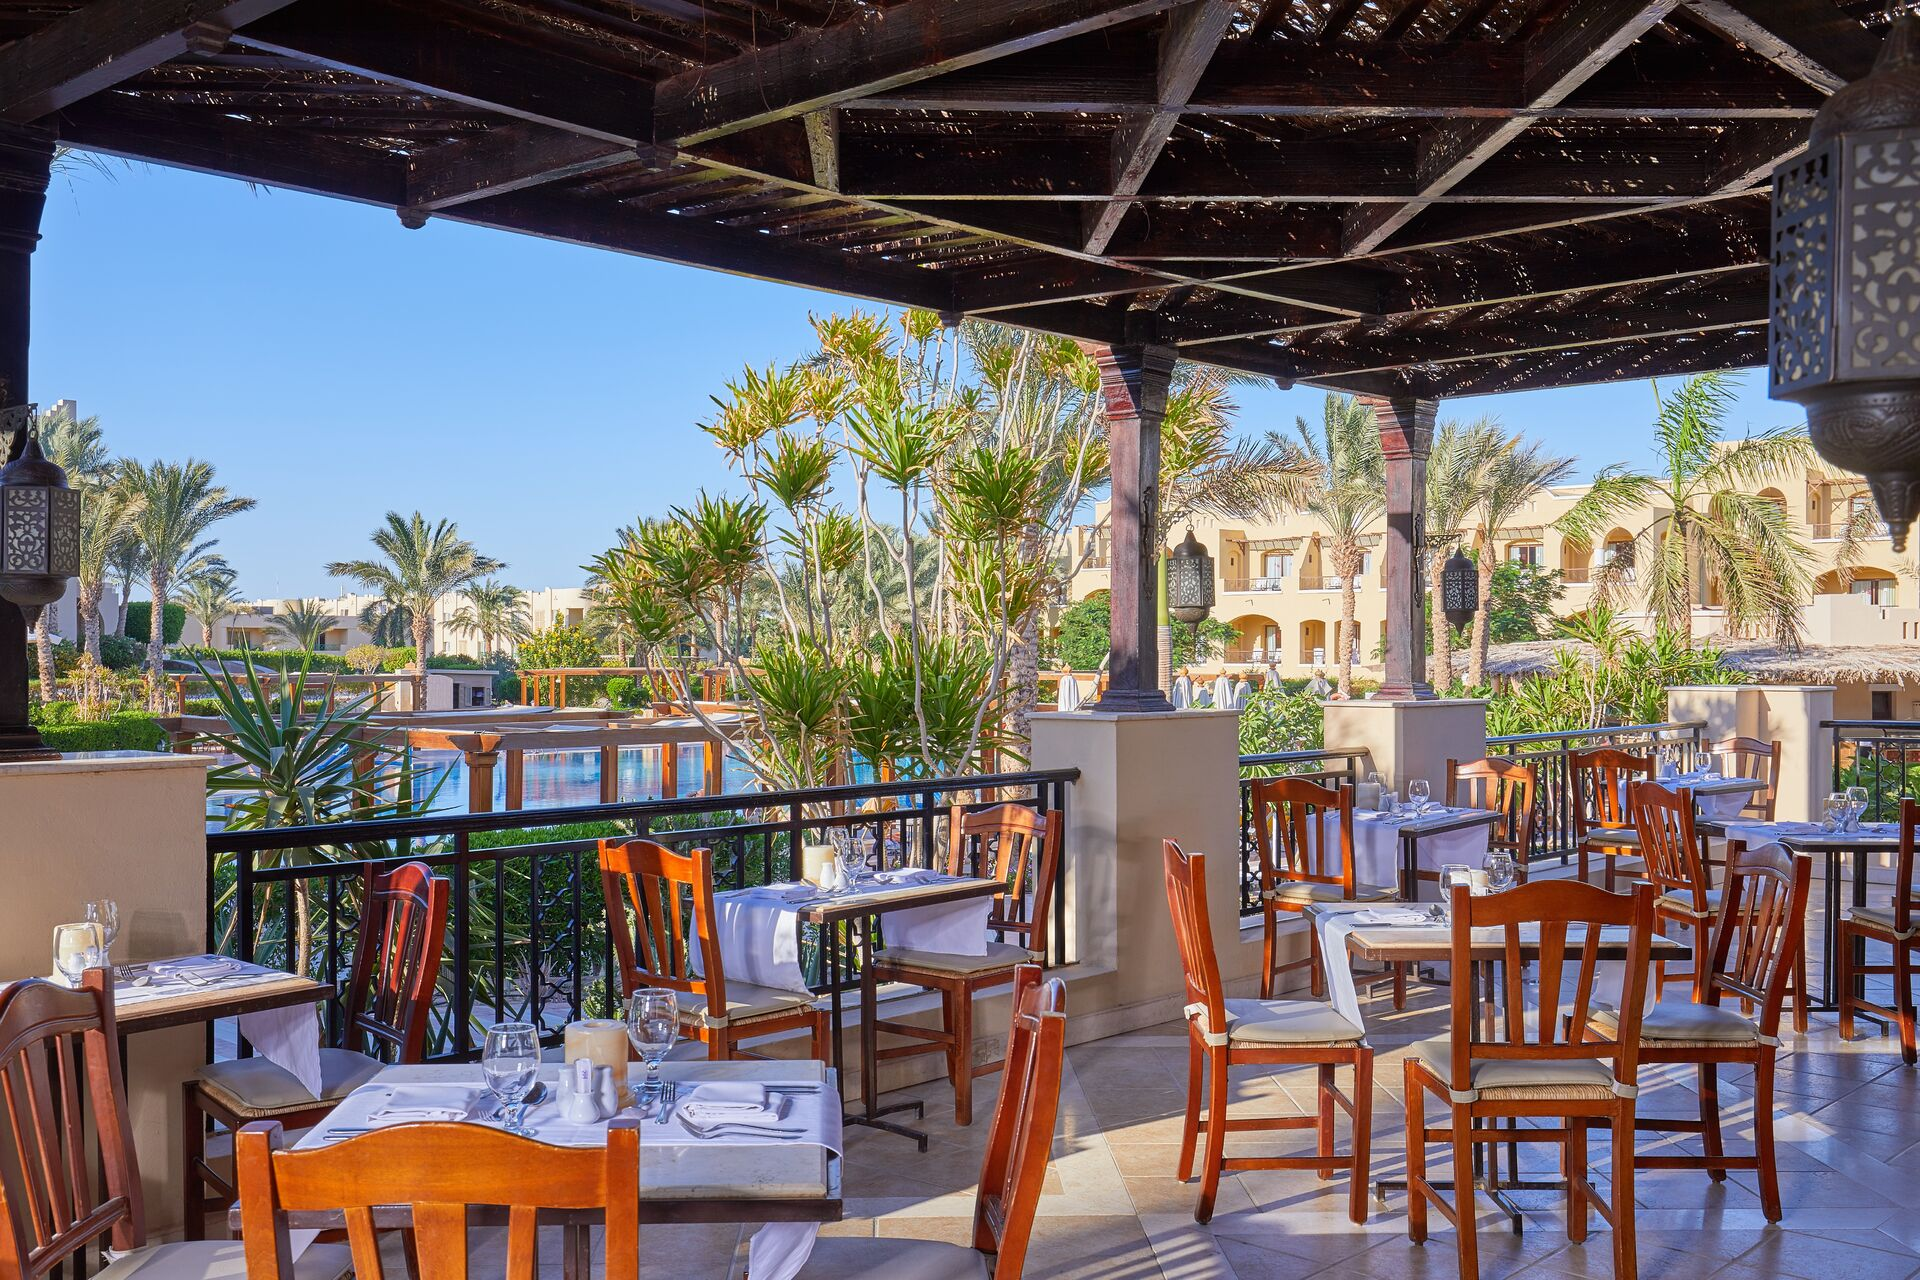 https://cms.satur.sk/data/imgs/tour_image/orig/main-restaurant-terrace-020118-1947539.jpg